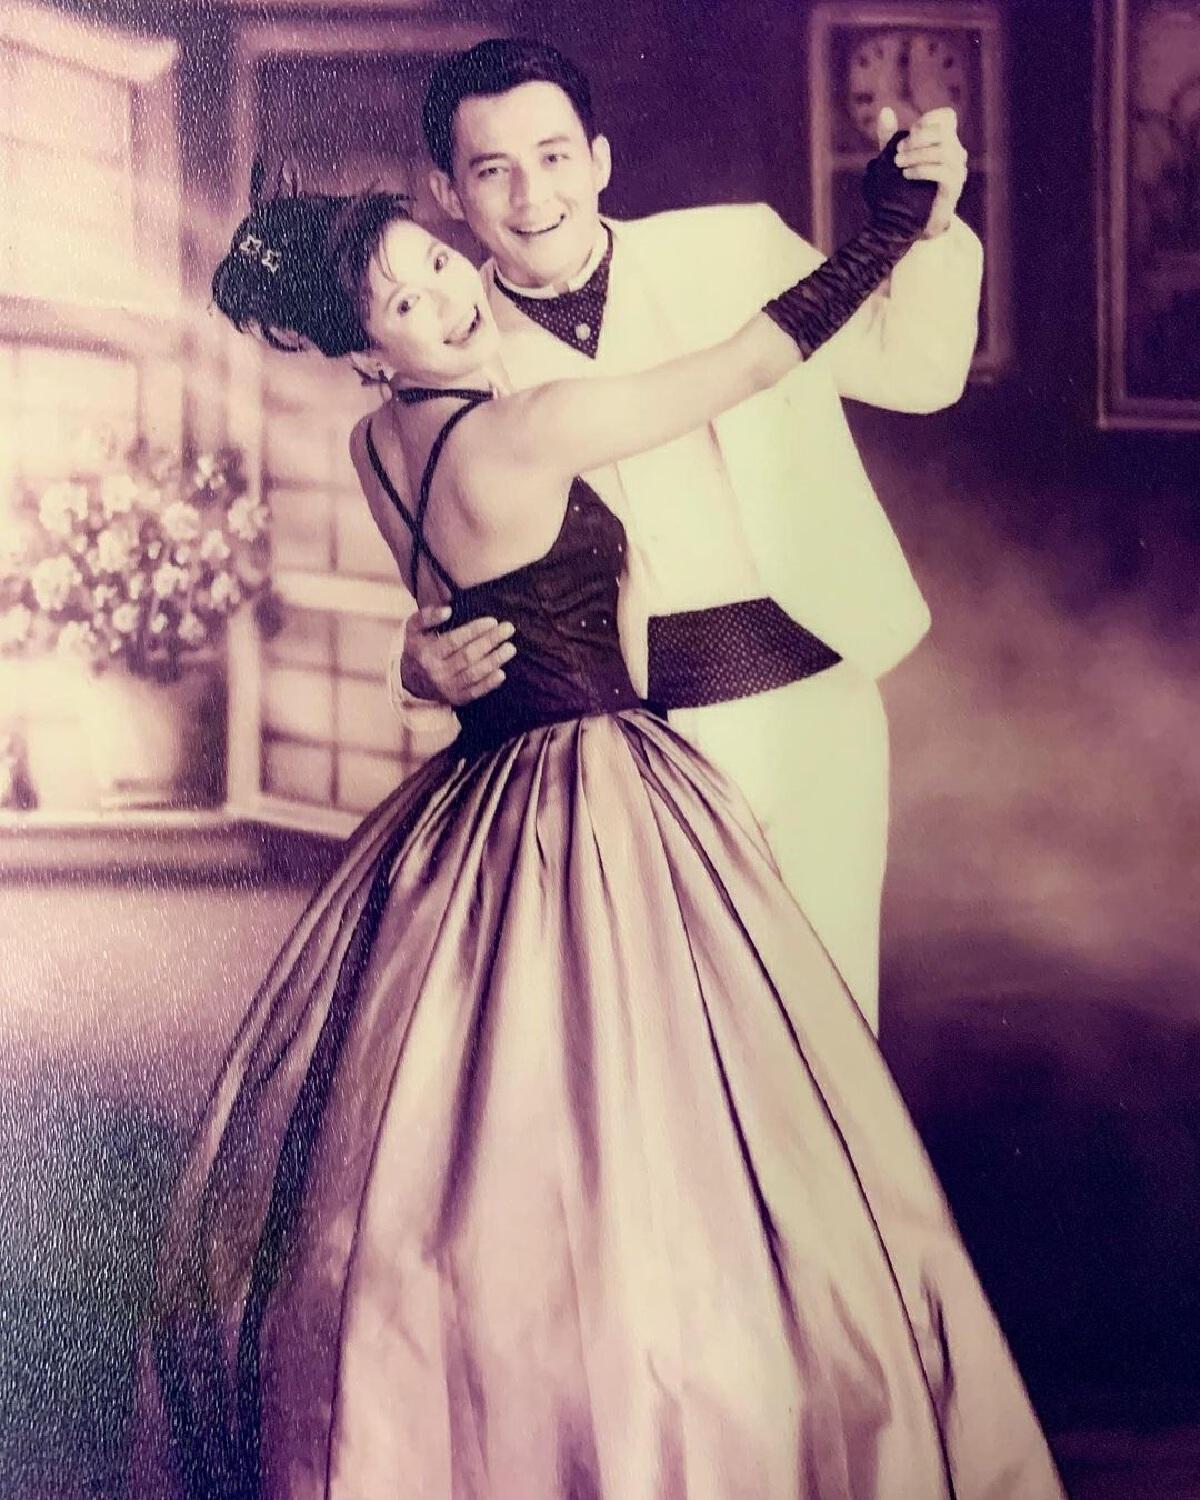 เปิ้ล หัทยา ย้อนวันวานในอดีต ลงรูปเต้นรำกับ ตั้ว ศรัณยู 23 ปียังอบอุ่นในใจ